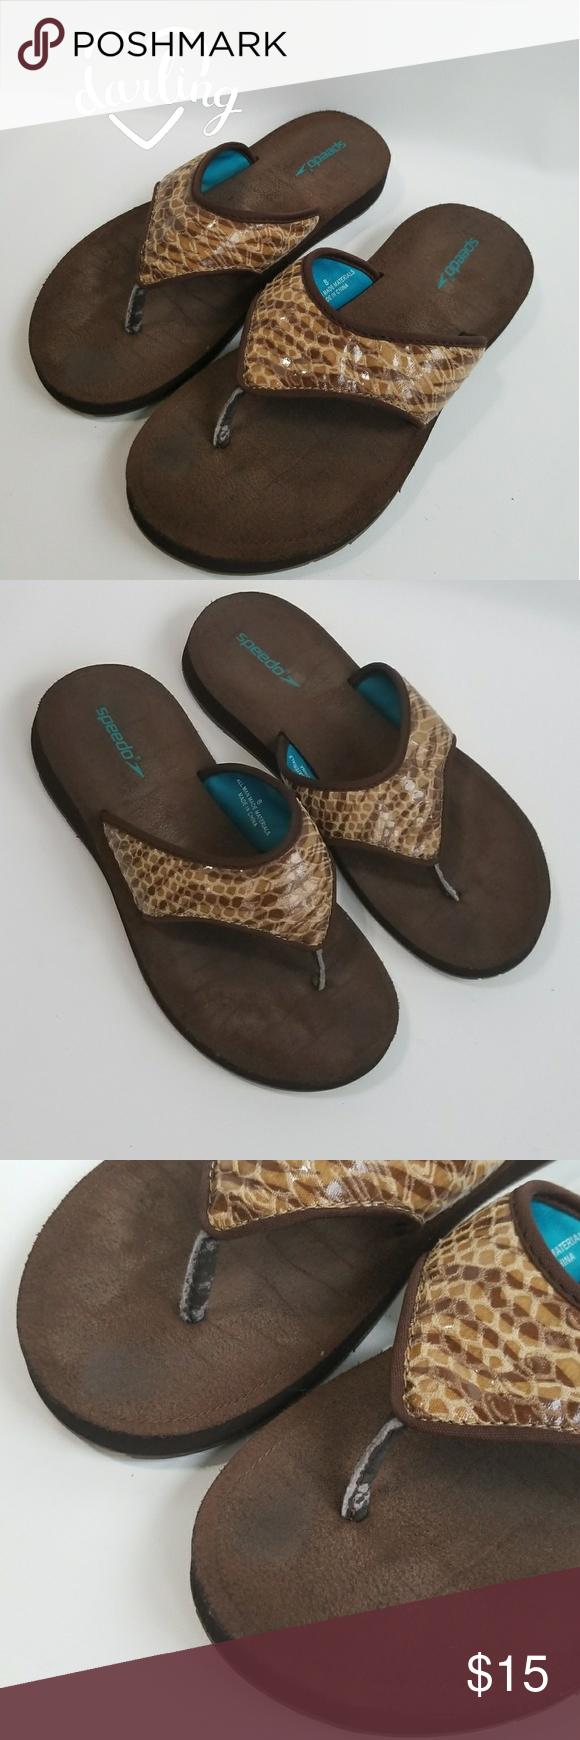 3d25360de Speedo Thong Slip On Flip Flops Sandals Shoes Sz 8 SPEEDO Brown Bermuda Wedge  Flip Flop